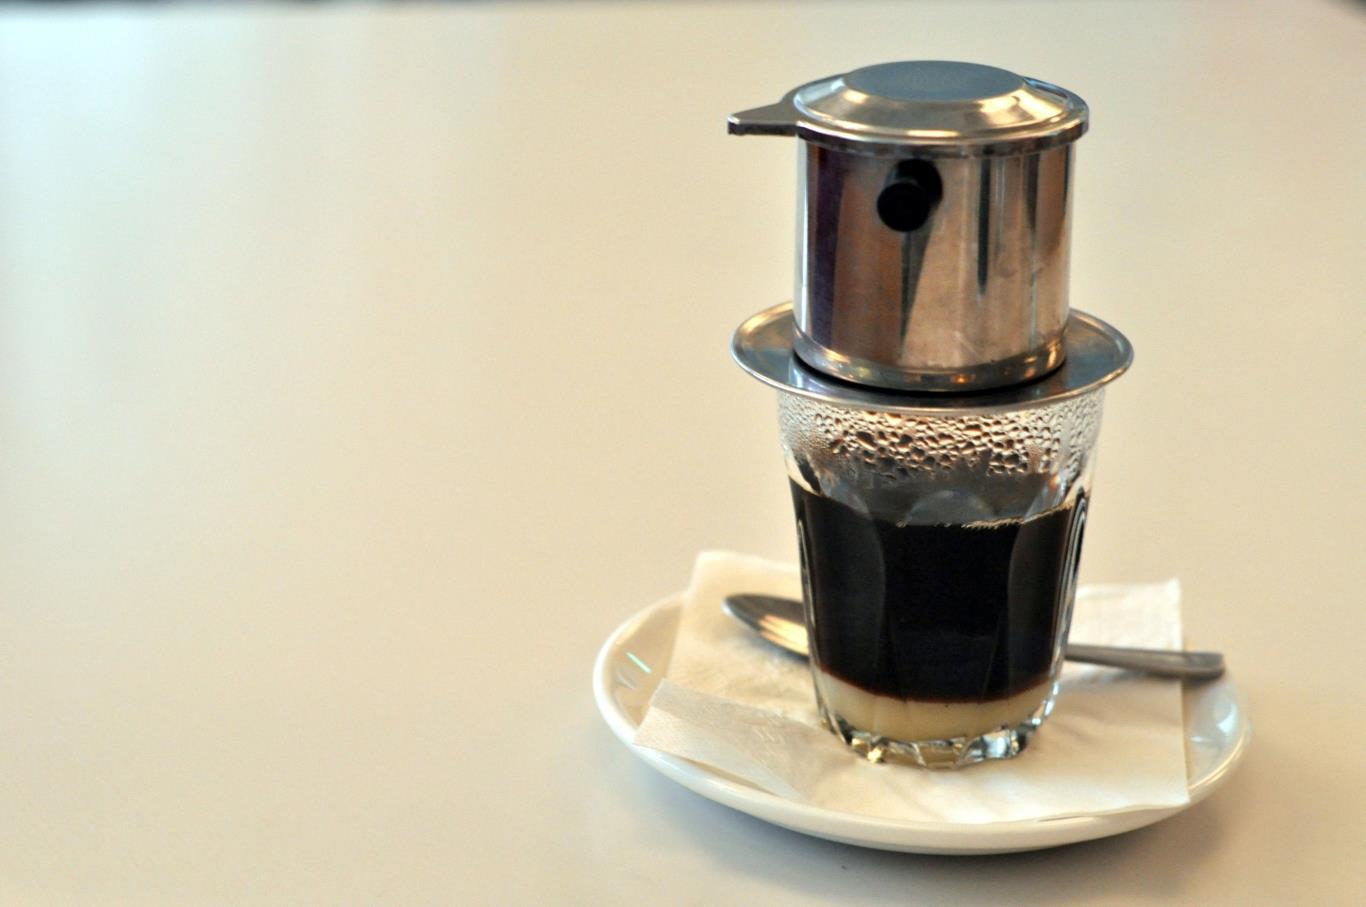 Cà phê pha phin đậm đà hấp dẫn